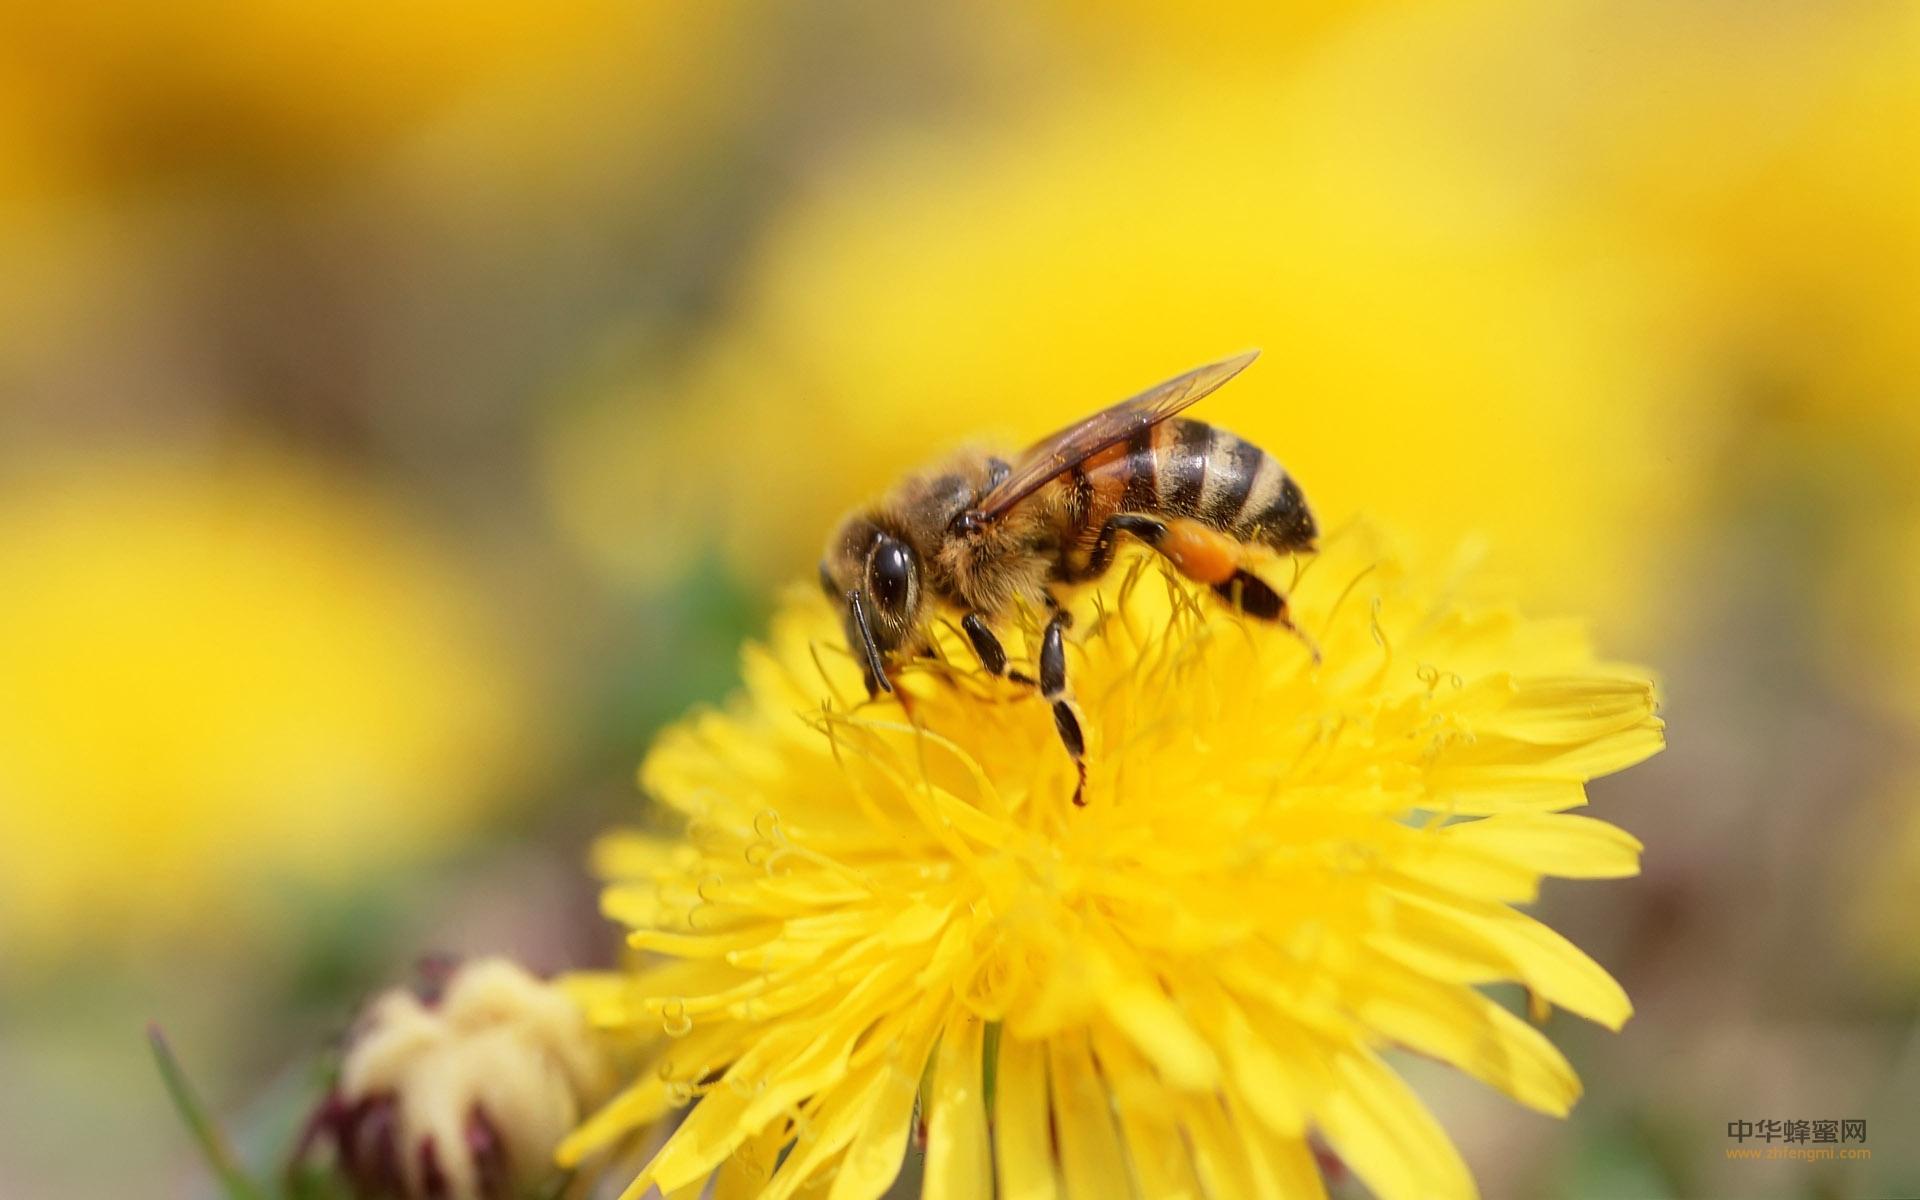 我国蜂蜜 蜂蜜 产区 种类 主要蜂蜜 蜂蜜分类